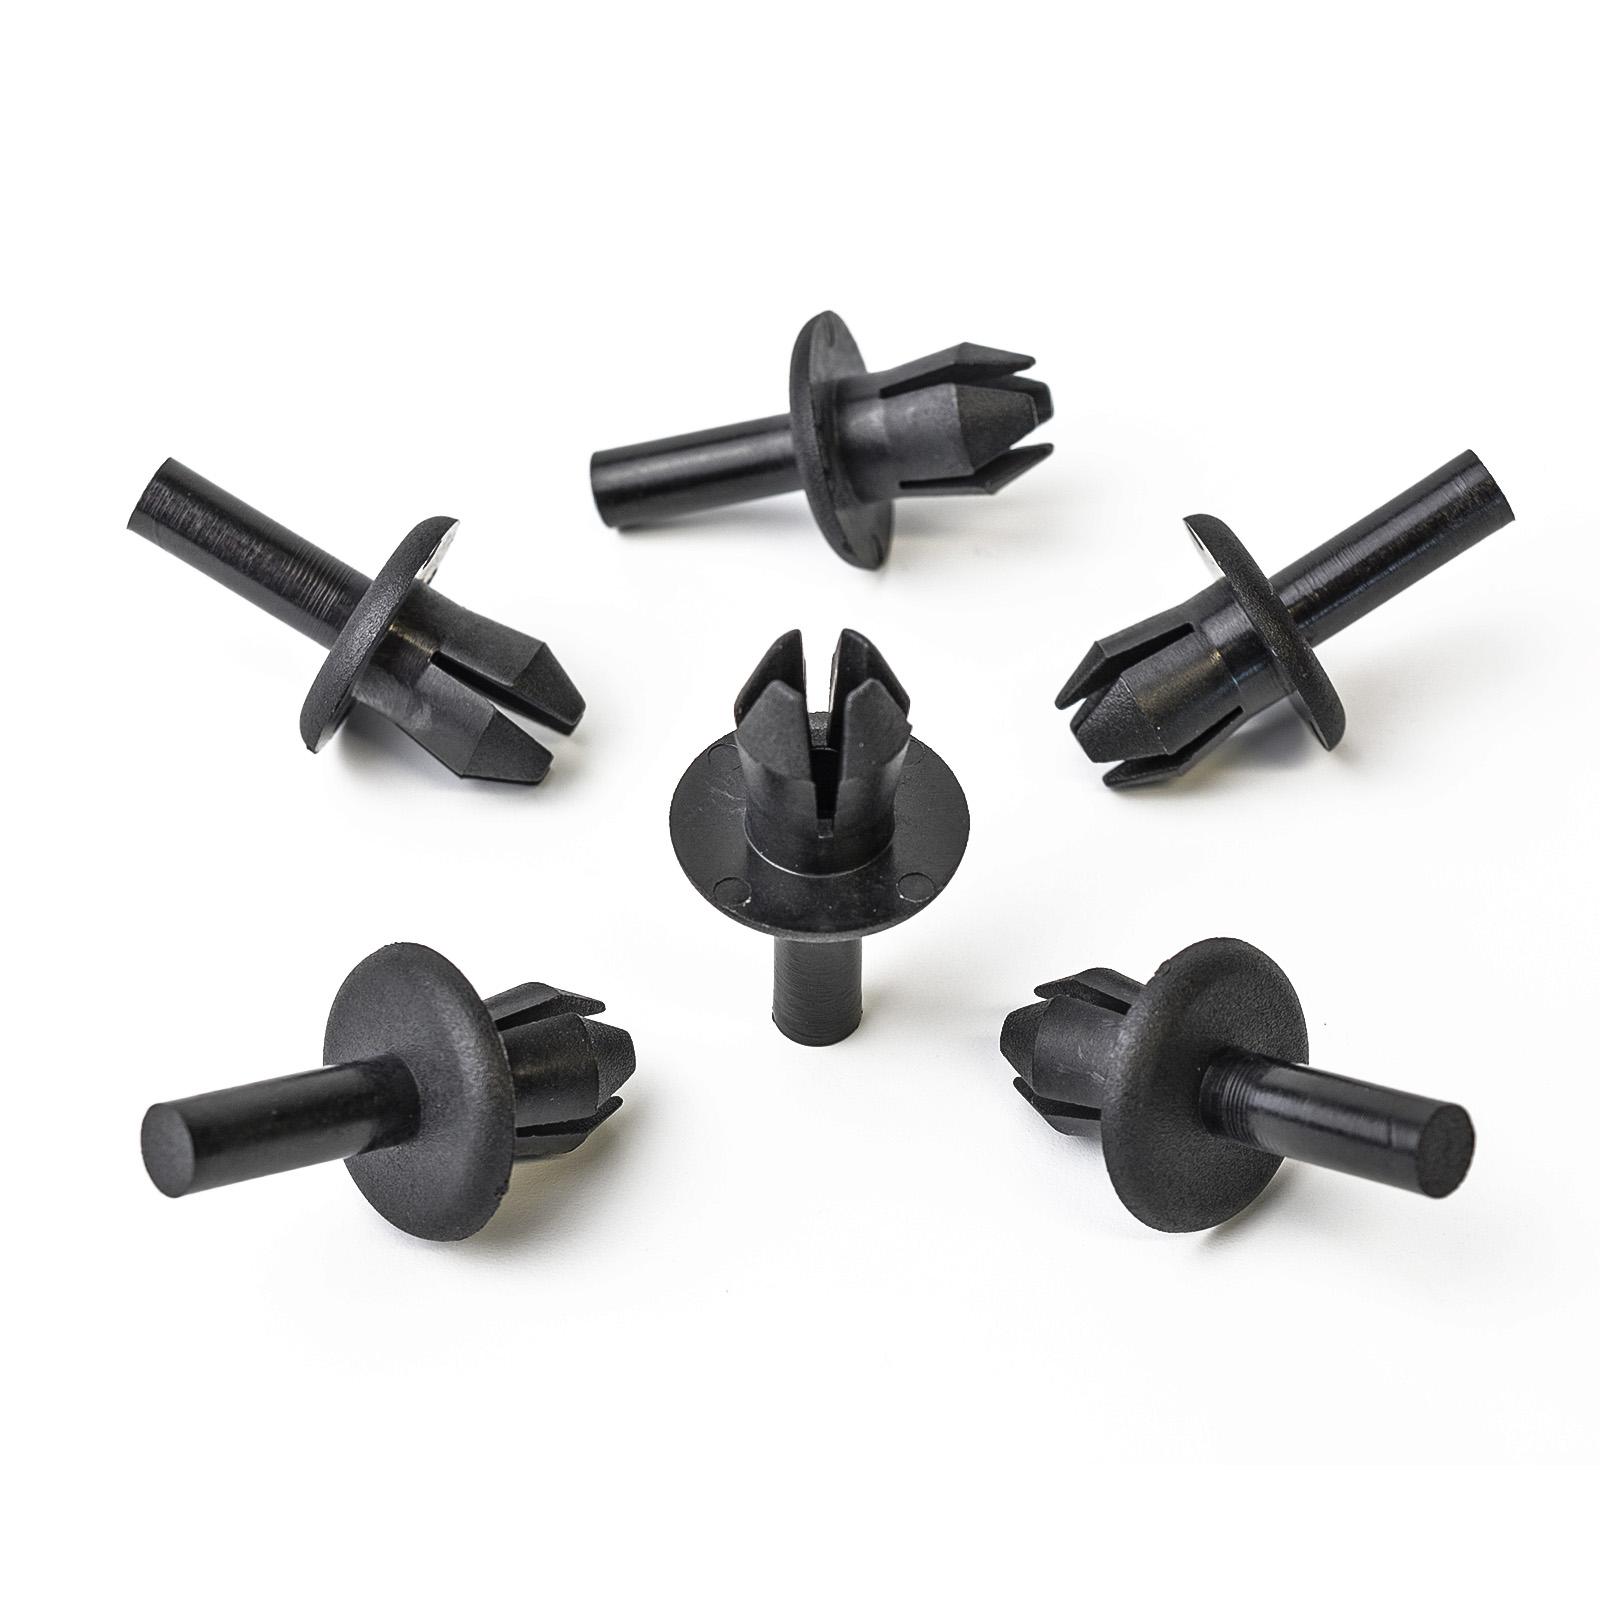 10xKunststoffspreizniete VERKLEIDUNGCLIPS Schnellbefestigung Volkswagen:N0385491